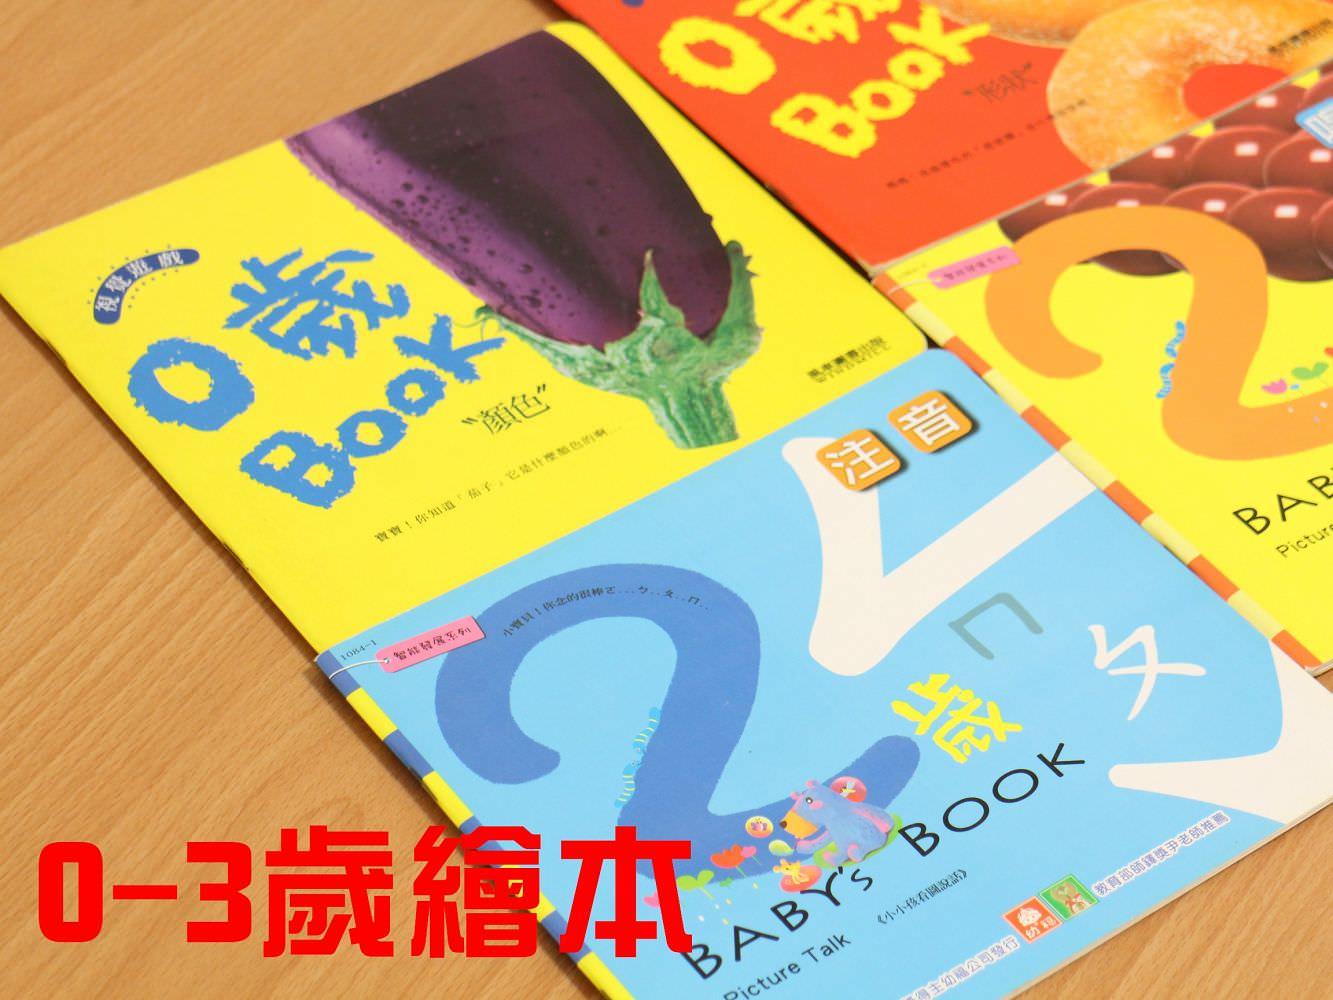 親子共讀︱0-3歲繪本︱九大分類:溫馨啟蒙書,從小培養孩子閱讀習慣、專注力︱謝謝你來當我的寶貝︱媽媽,買綠豆︱爸爸跟我玩(1)